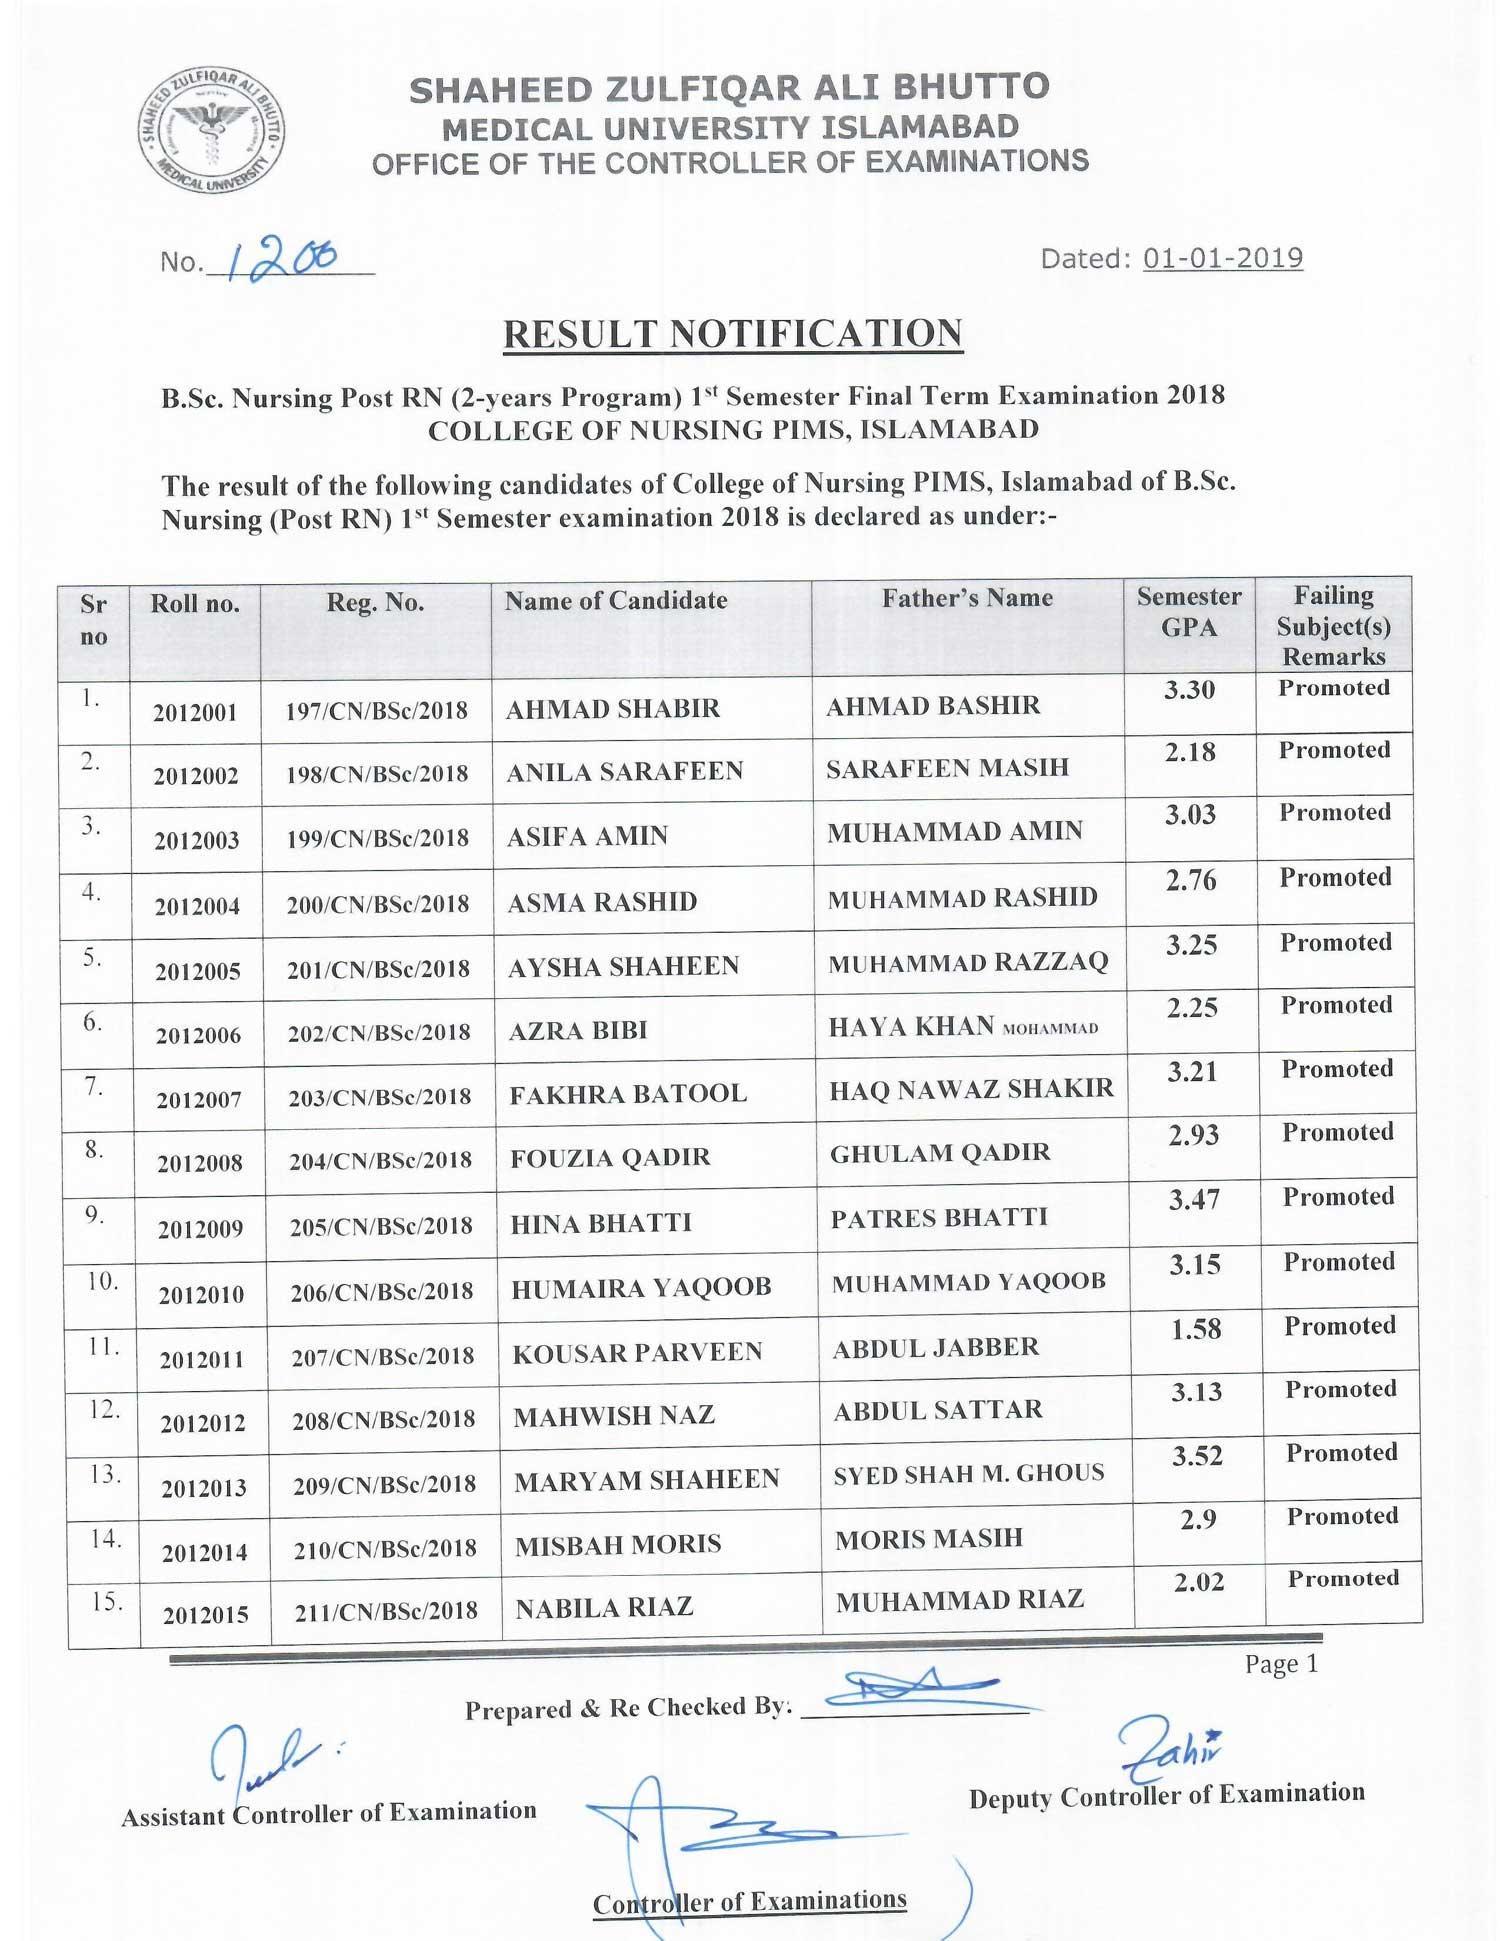 Result Notification - B.Sc Nursing Post RN 1st Year 1st Semester 2018 College of Nursing, PIMS